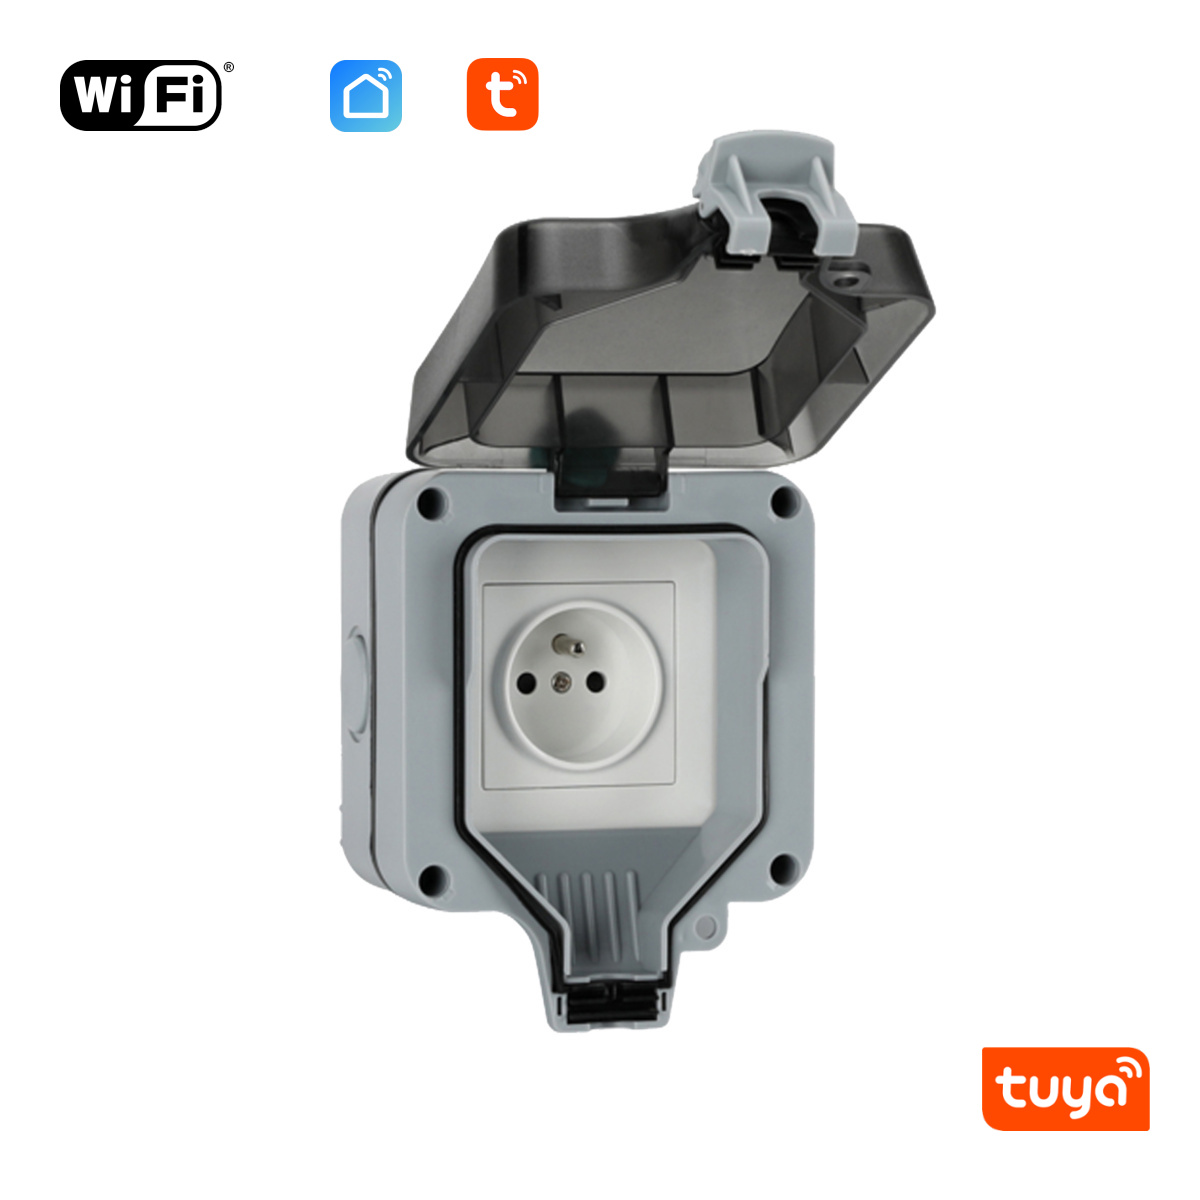 Venkovní WiFi zásuvka IP66 - Tuya